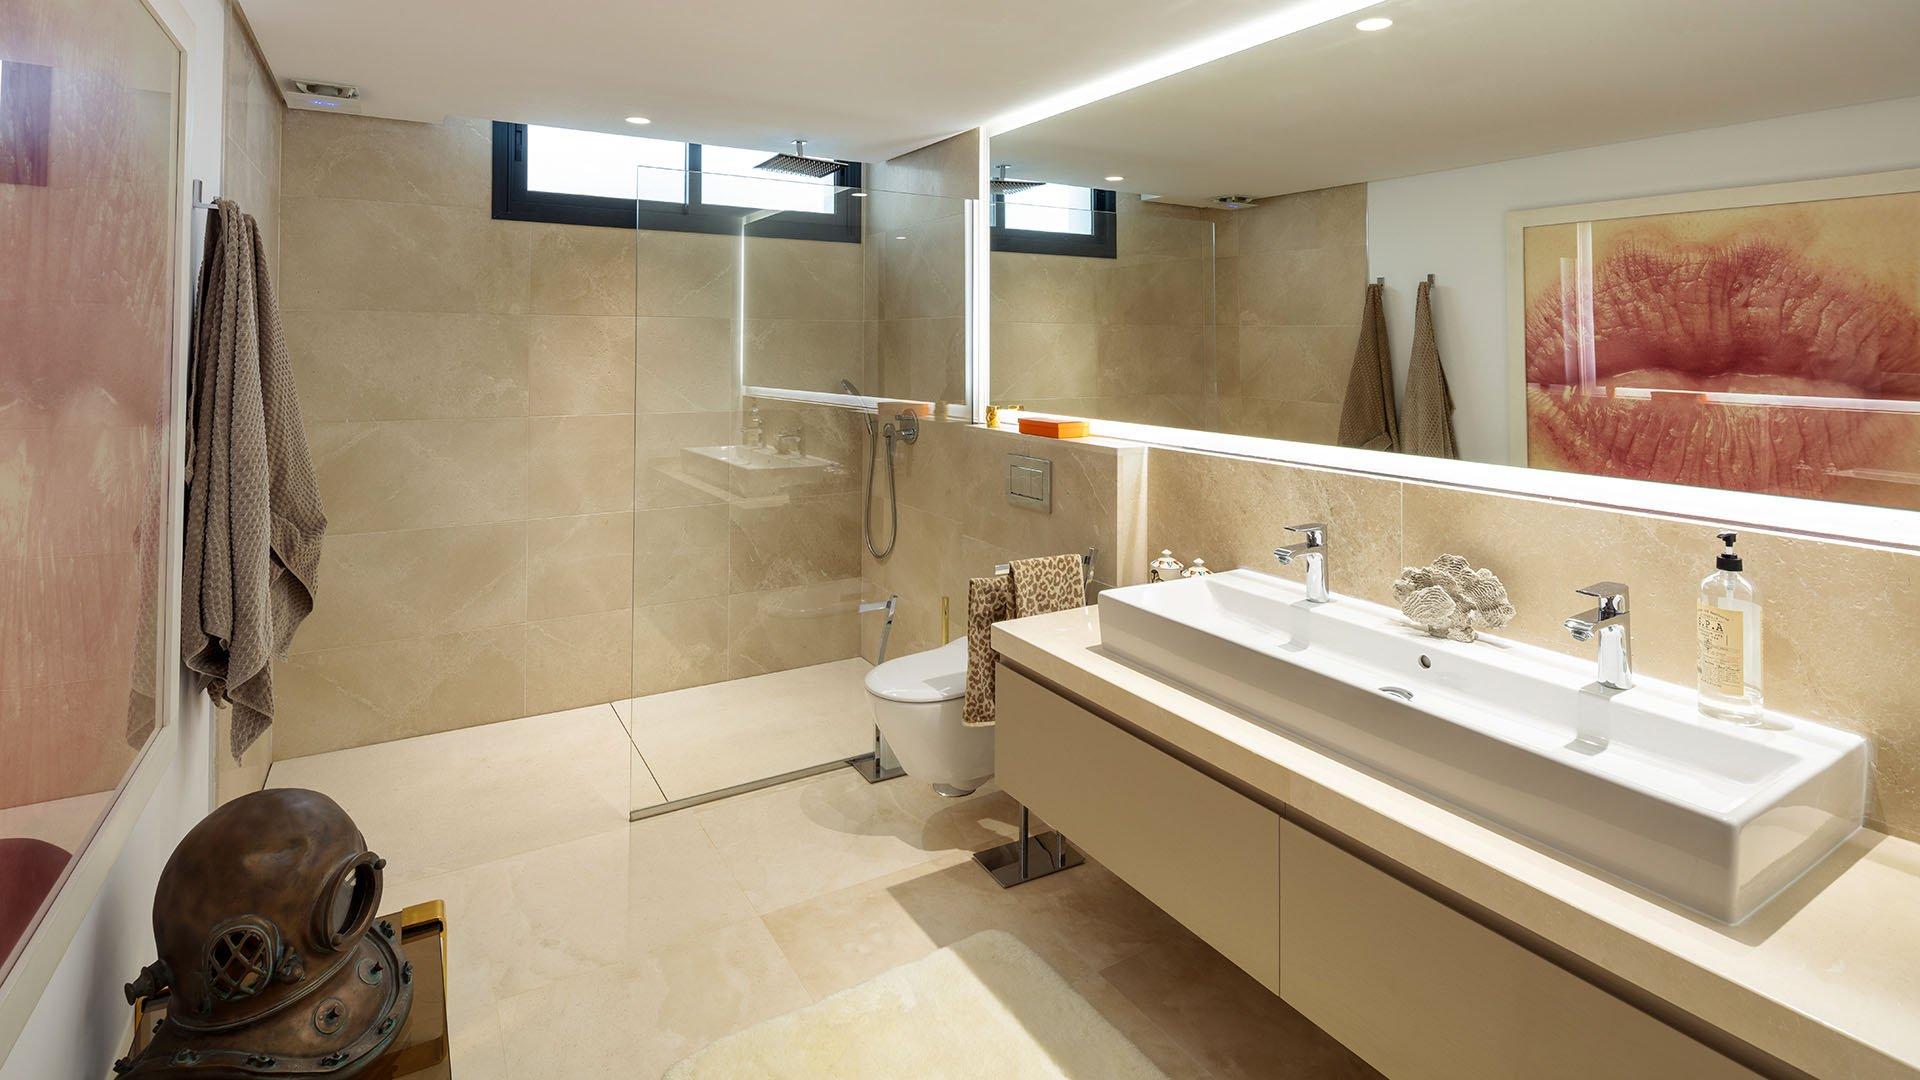 Los Olivos 5: Moderne luxe villa in Marbella's beroemde Golf Valley